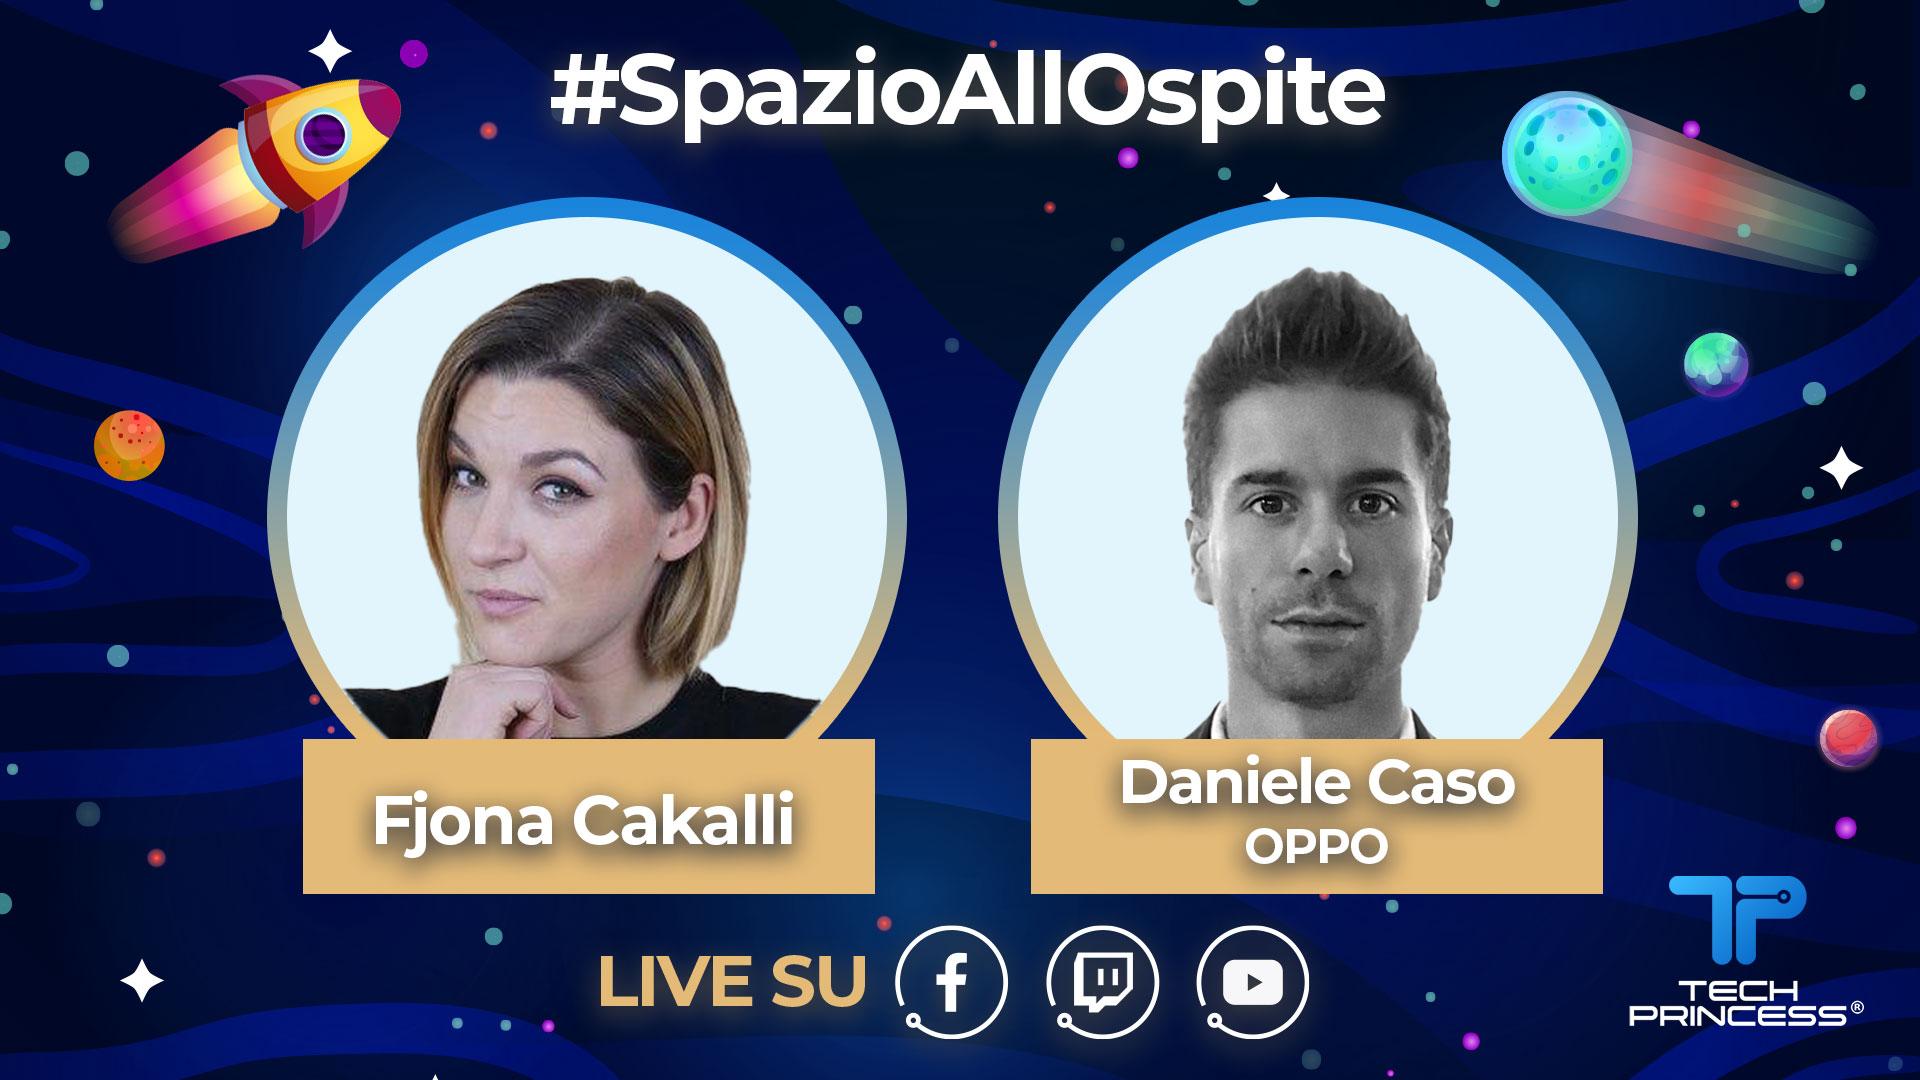 Daniele Caso, OPPO: intervista in diretta martedì 28 Aprile ore 18.00 | #SpazioAllOspite thumbnail